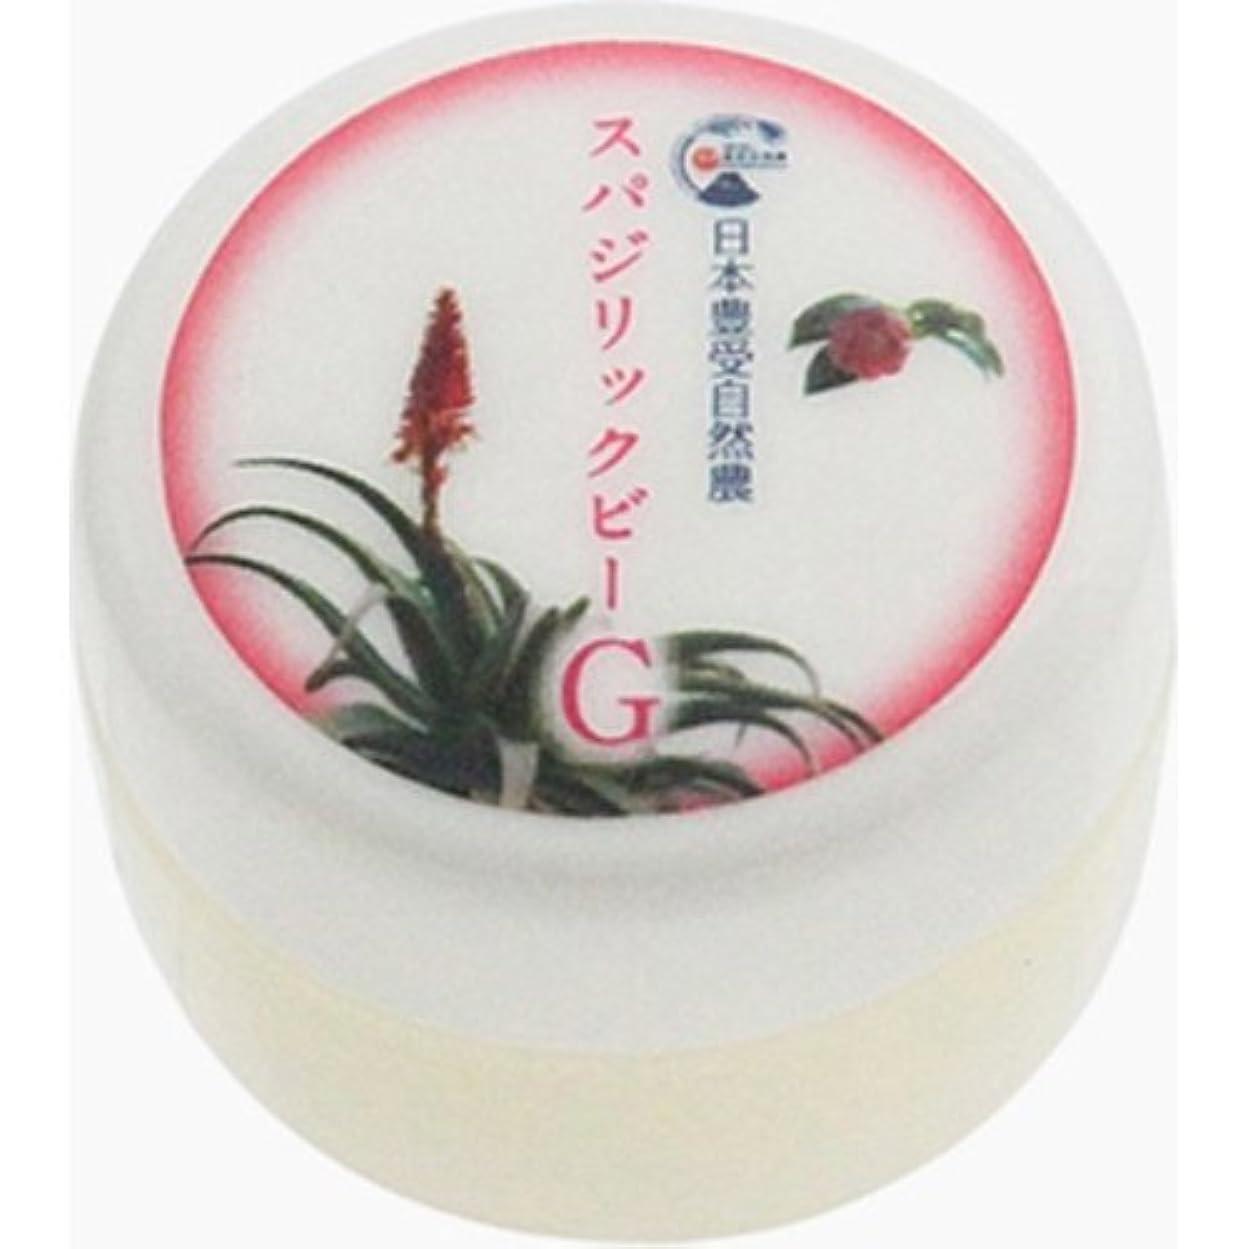 精通したロゴレタス日本豊受自然農 スパジリック ビーG(小) 10g